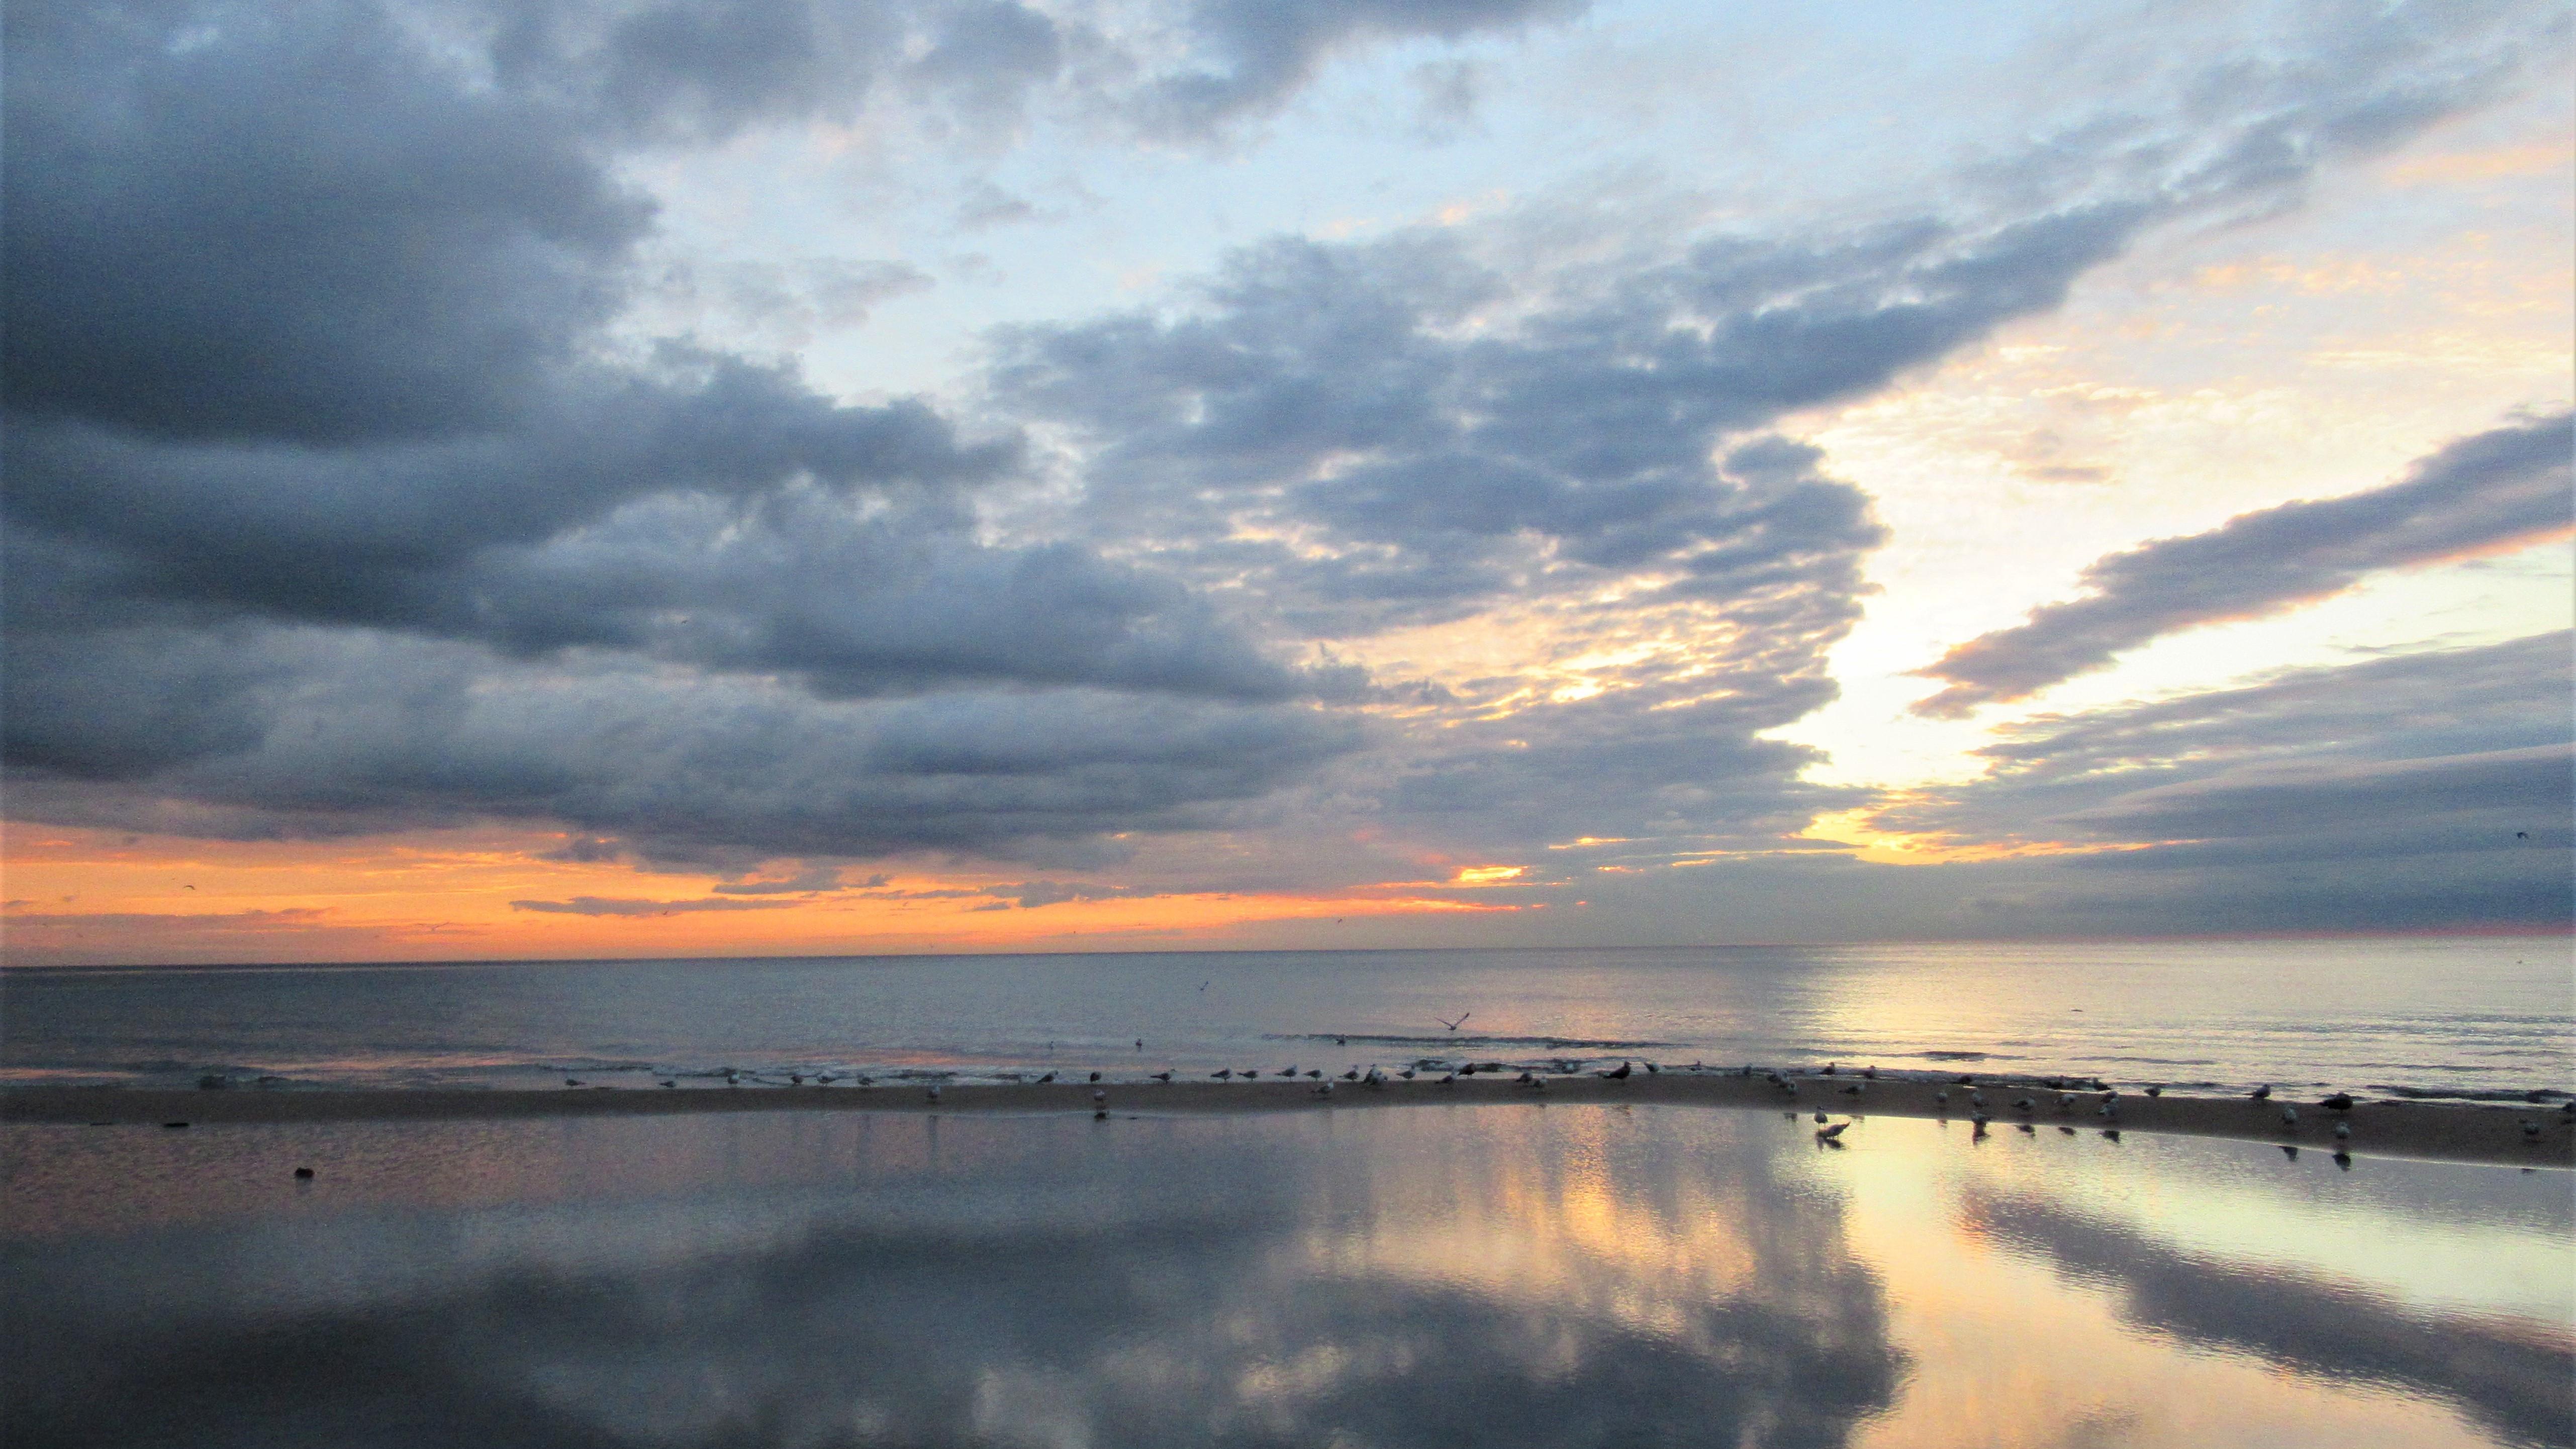 046 Oct'18 lake mirror 2